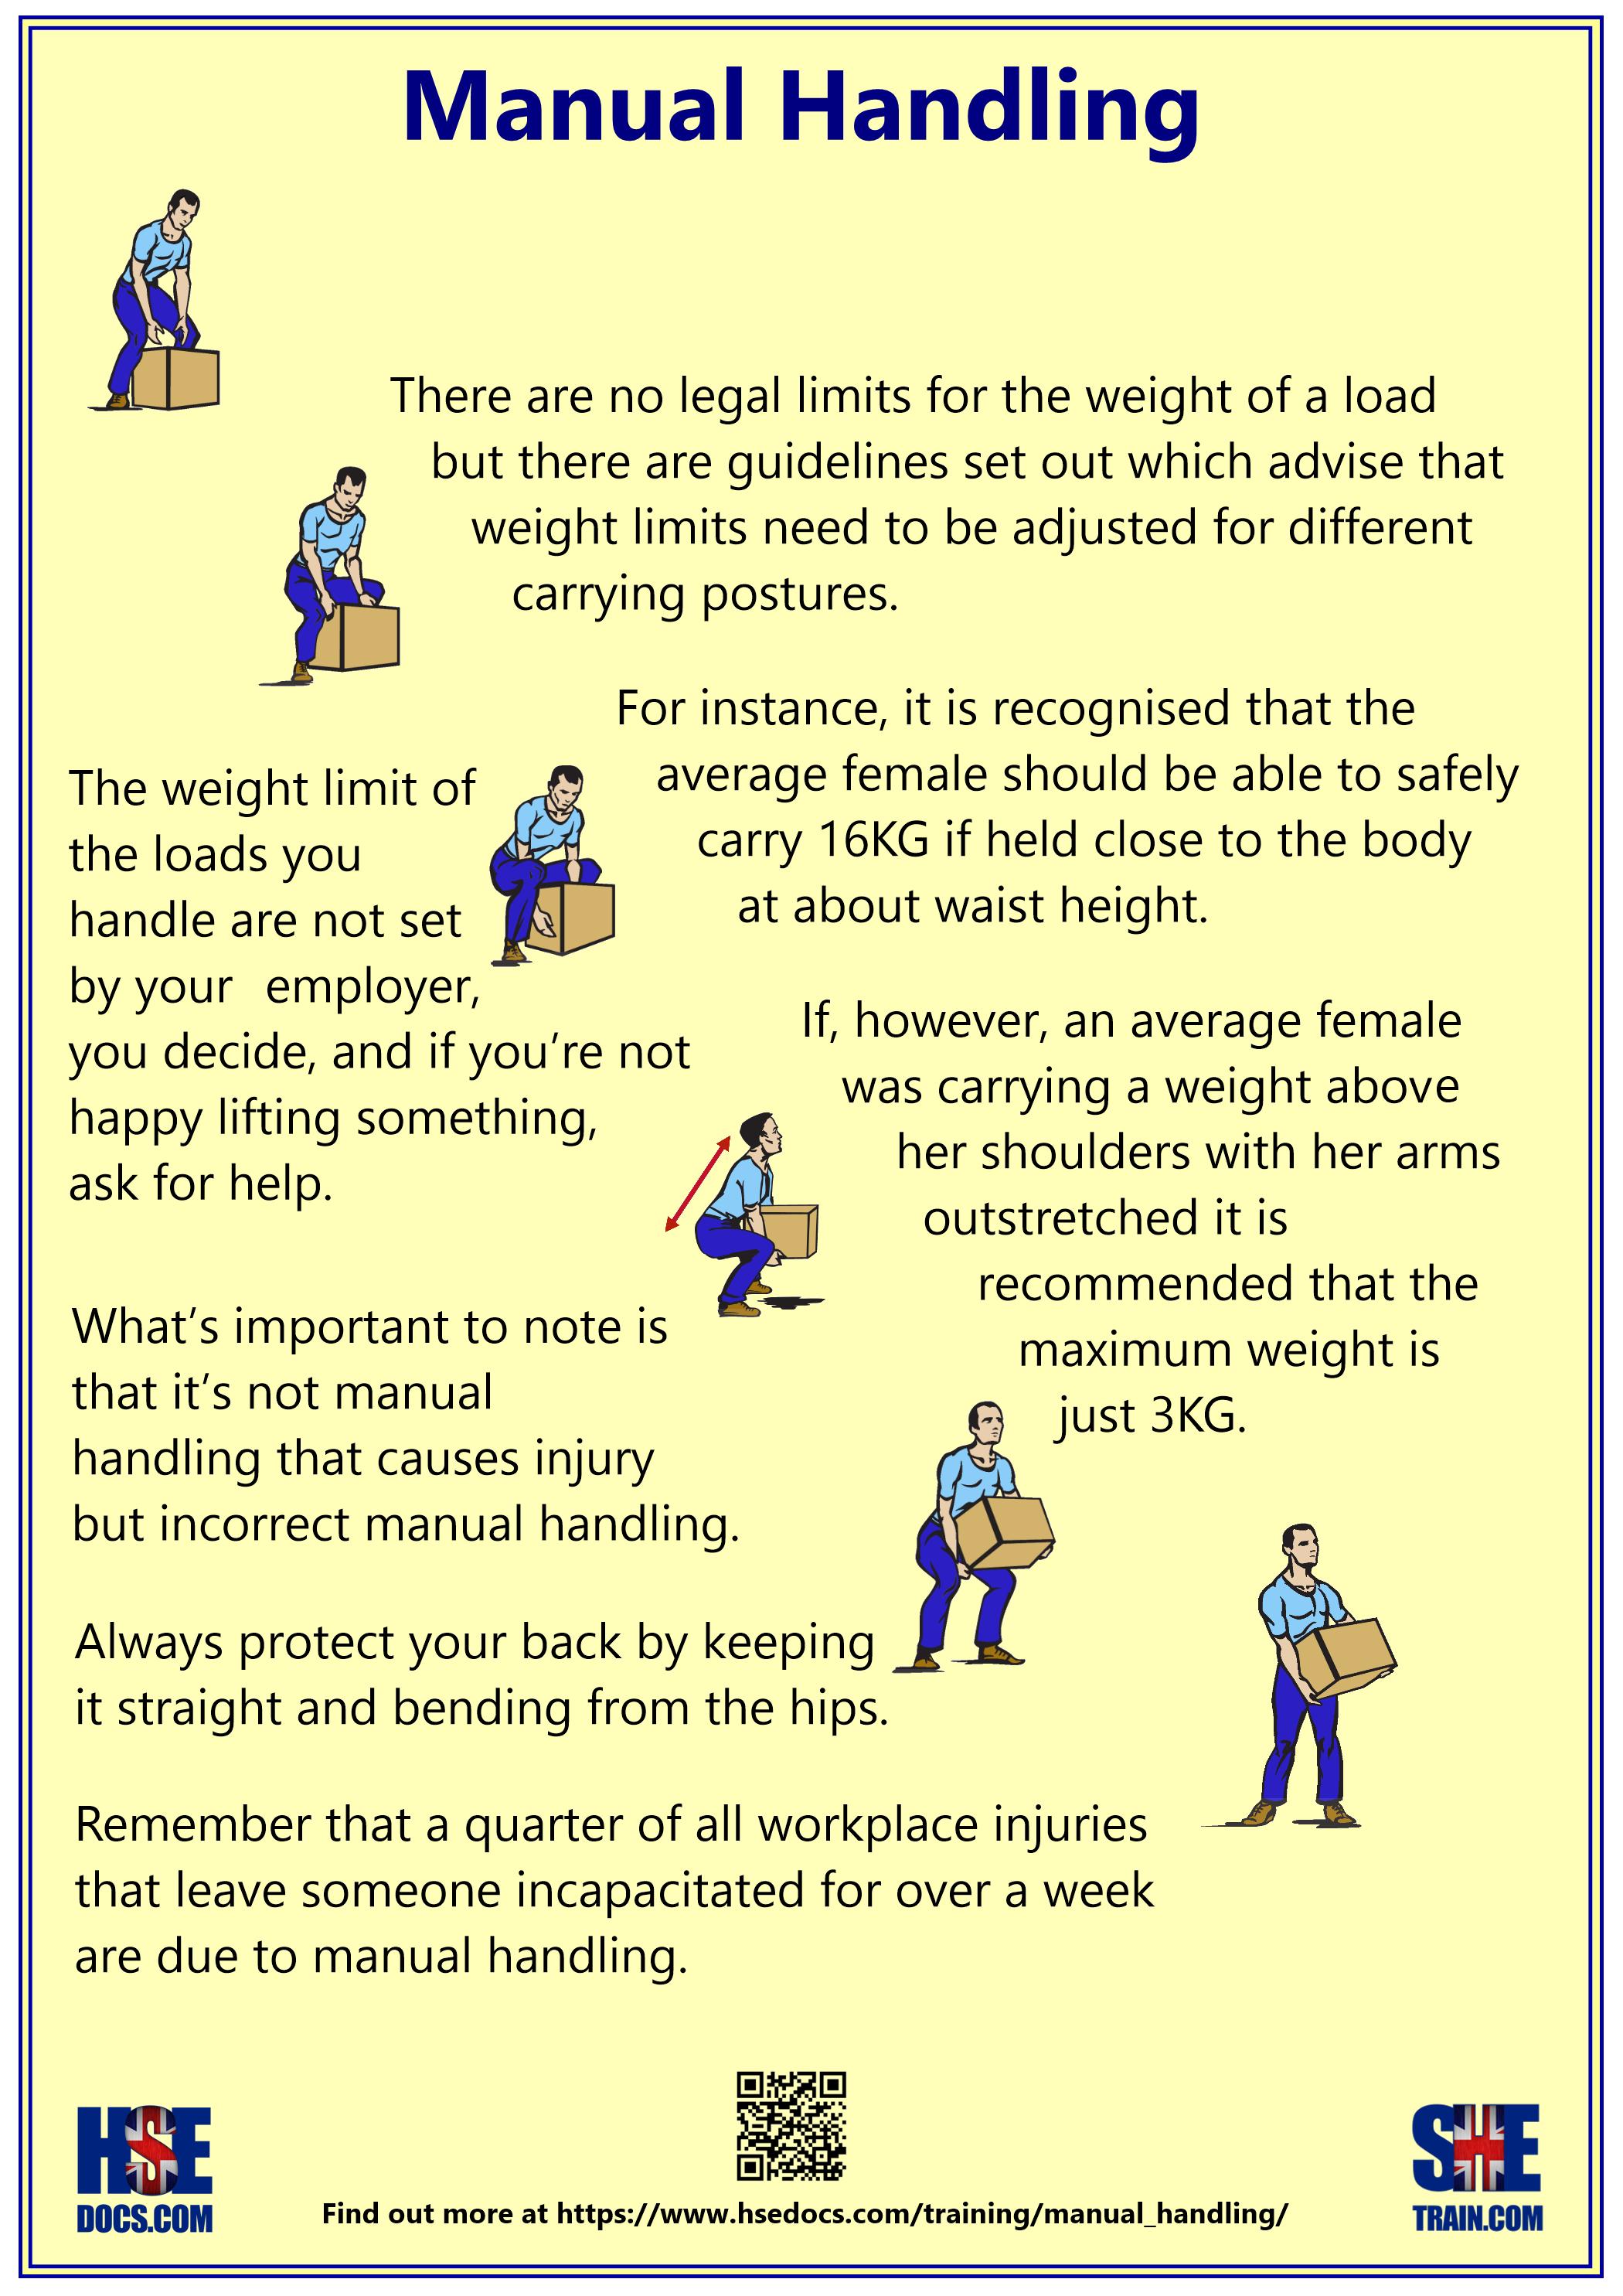 Free Manual Handling Poster